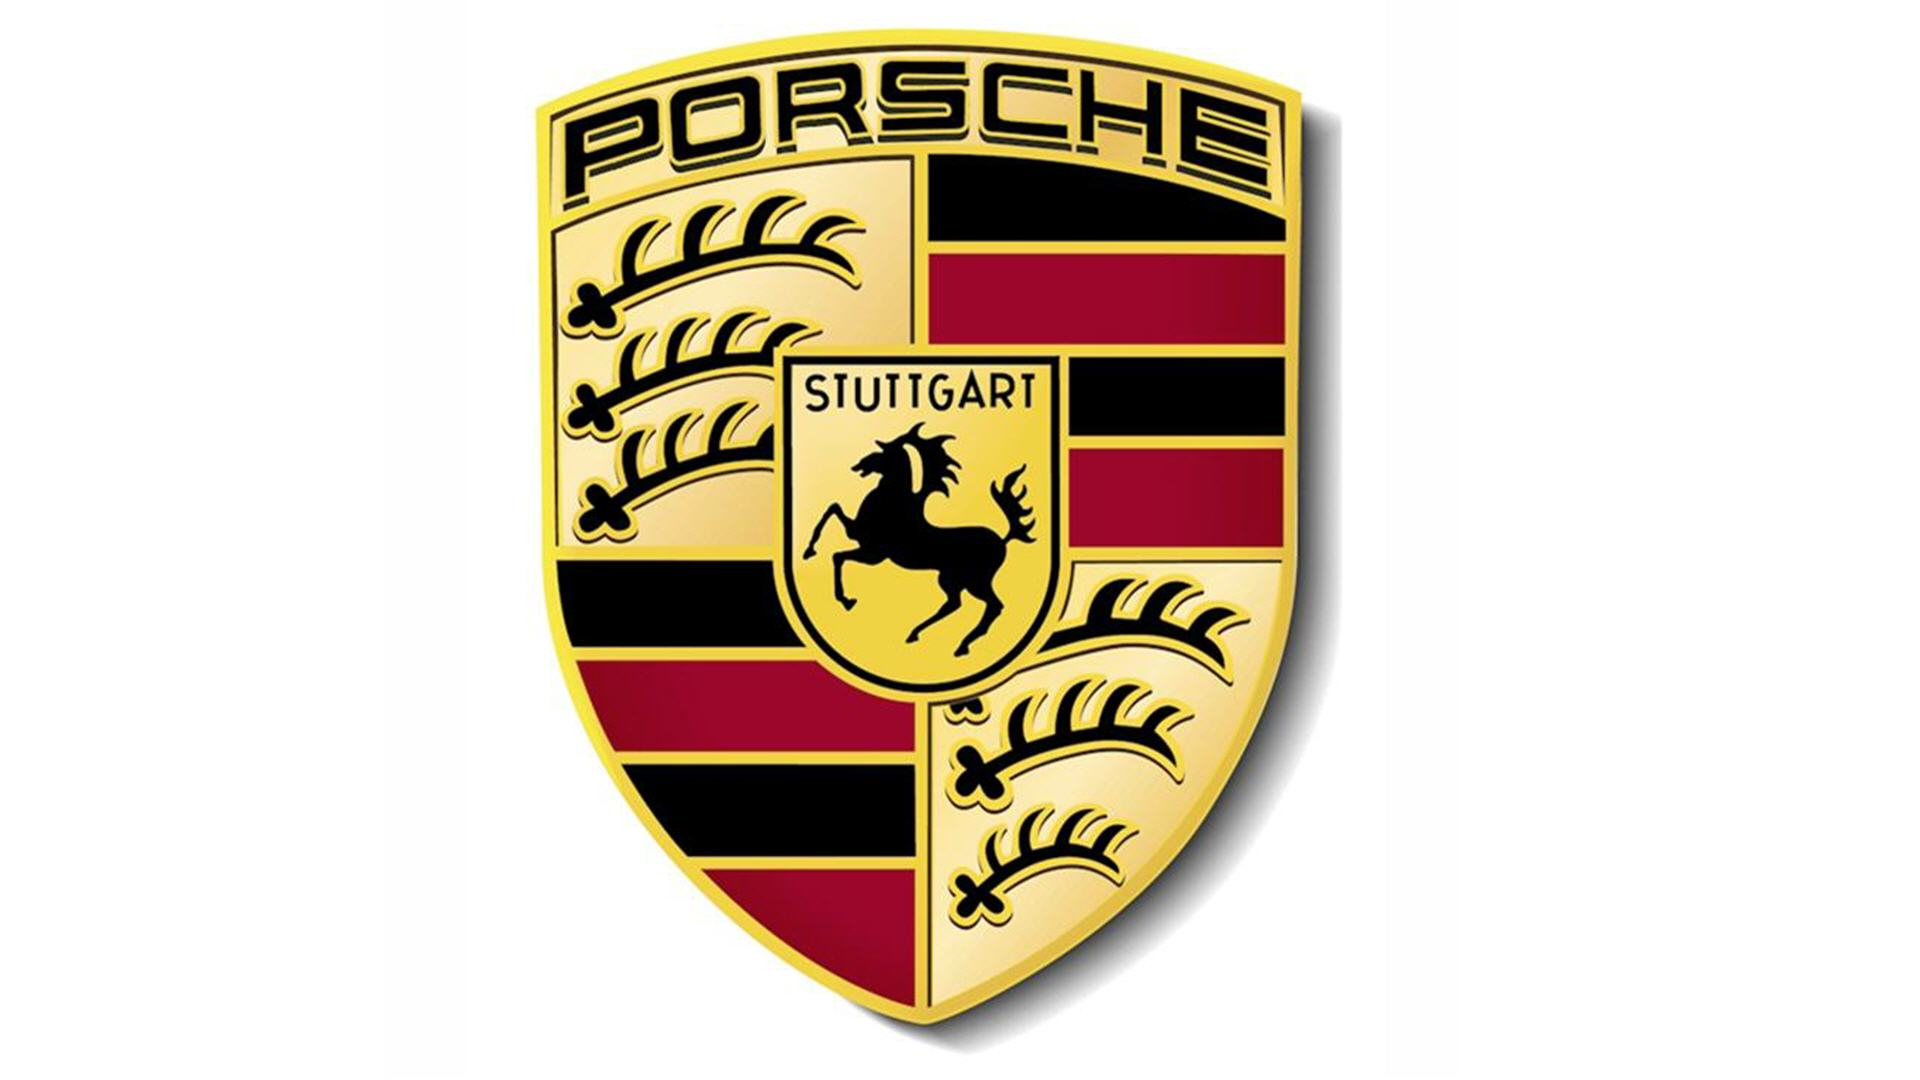 Porsche Logo Black Hd wwwpixsharkcom   Images 1920x1080